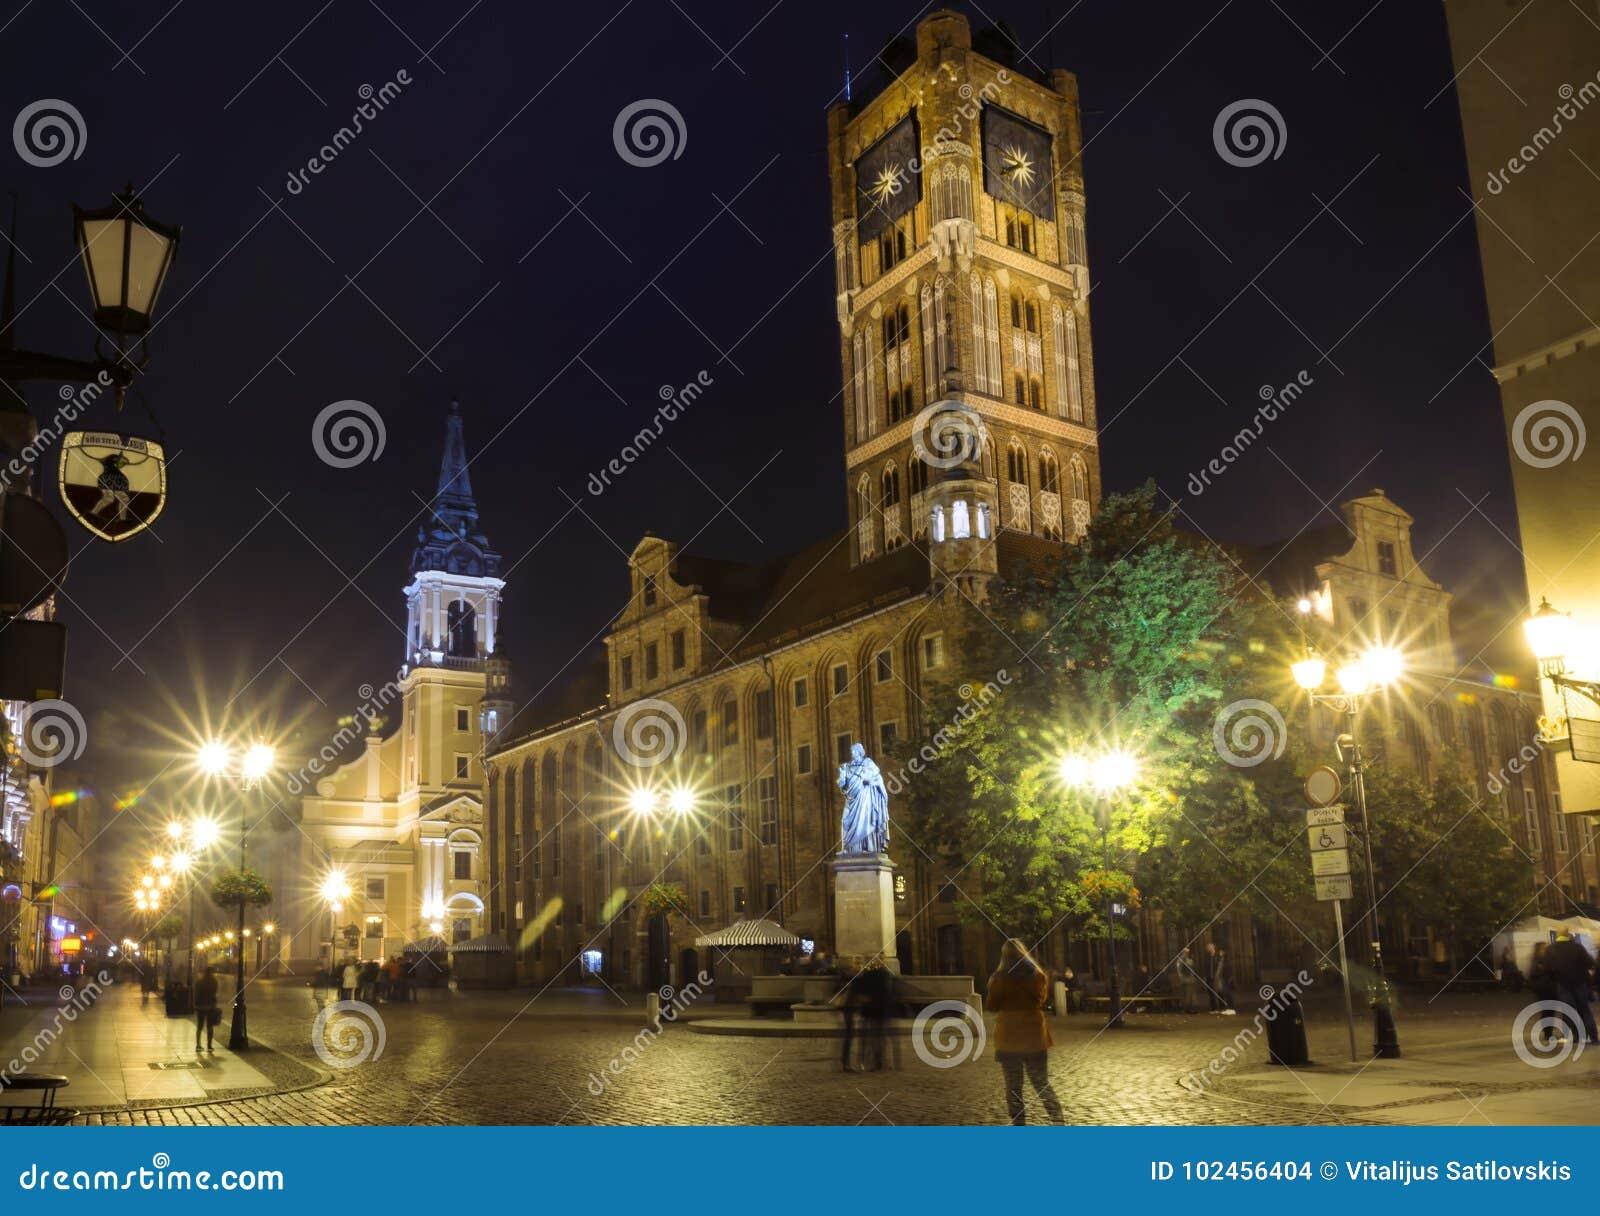 2017年 10 20托伦波兰,托伦市街道夜视图,与城镇厅的老镇地平线,一东部EU的最大的大厅